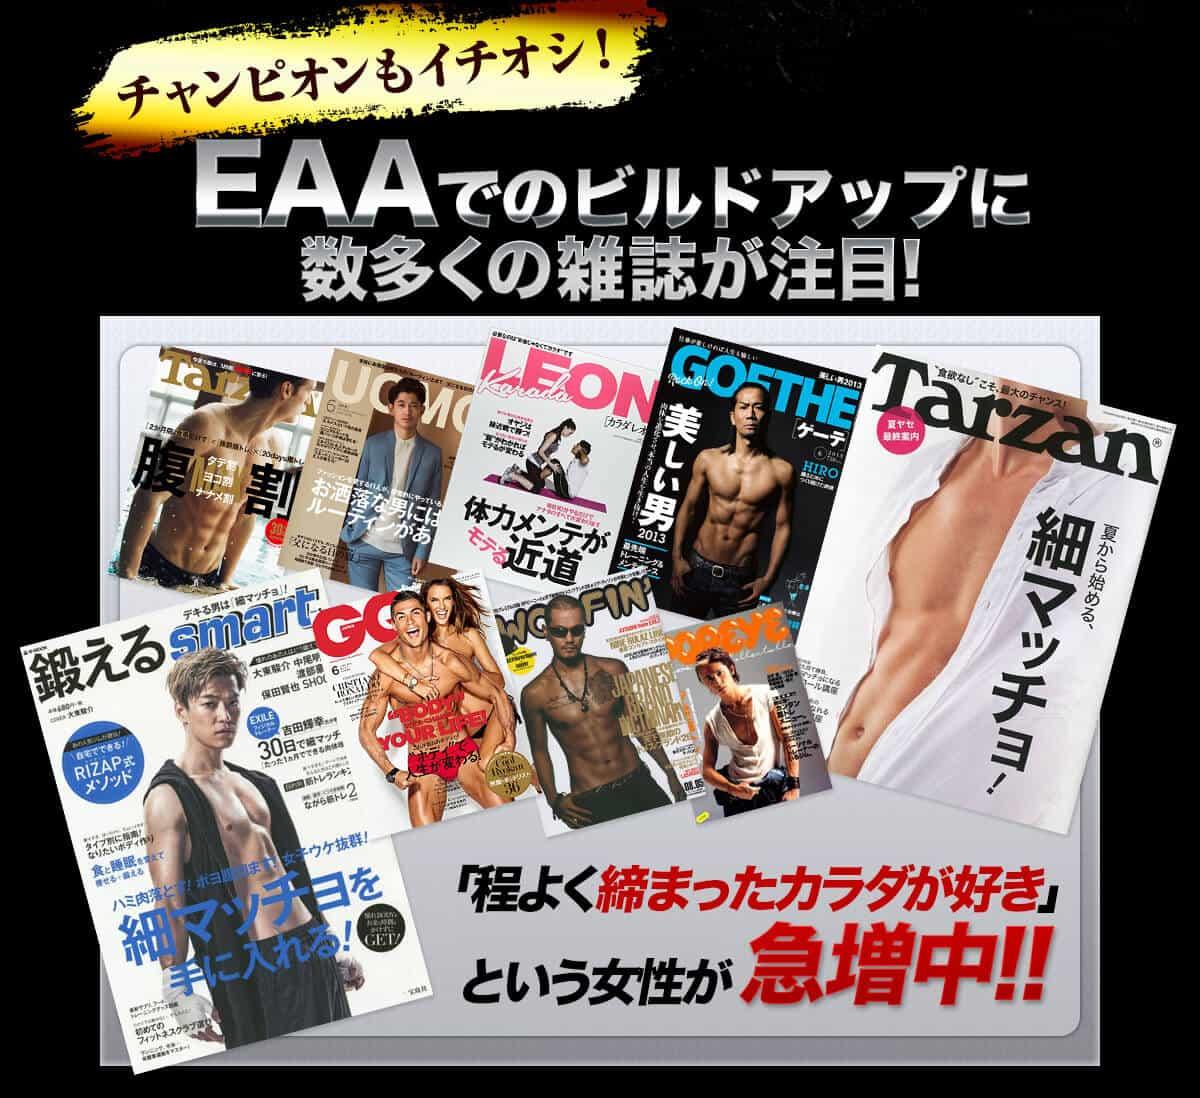 チャンピオンもイチオシ!EAAでのビルドアップが多くの雑誌で注目を集めている。